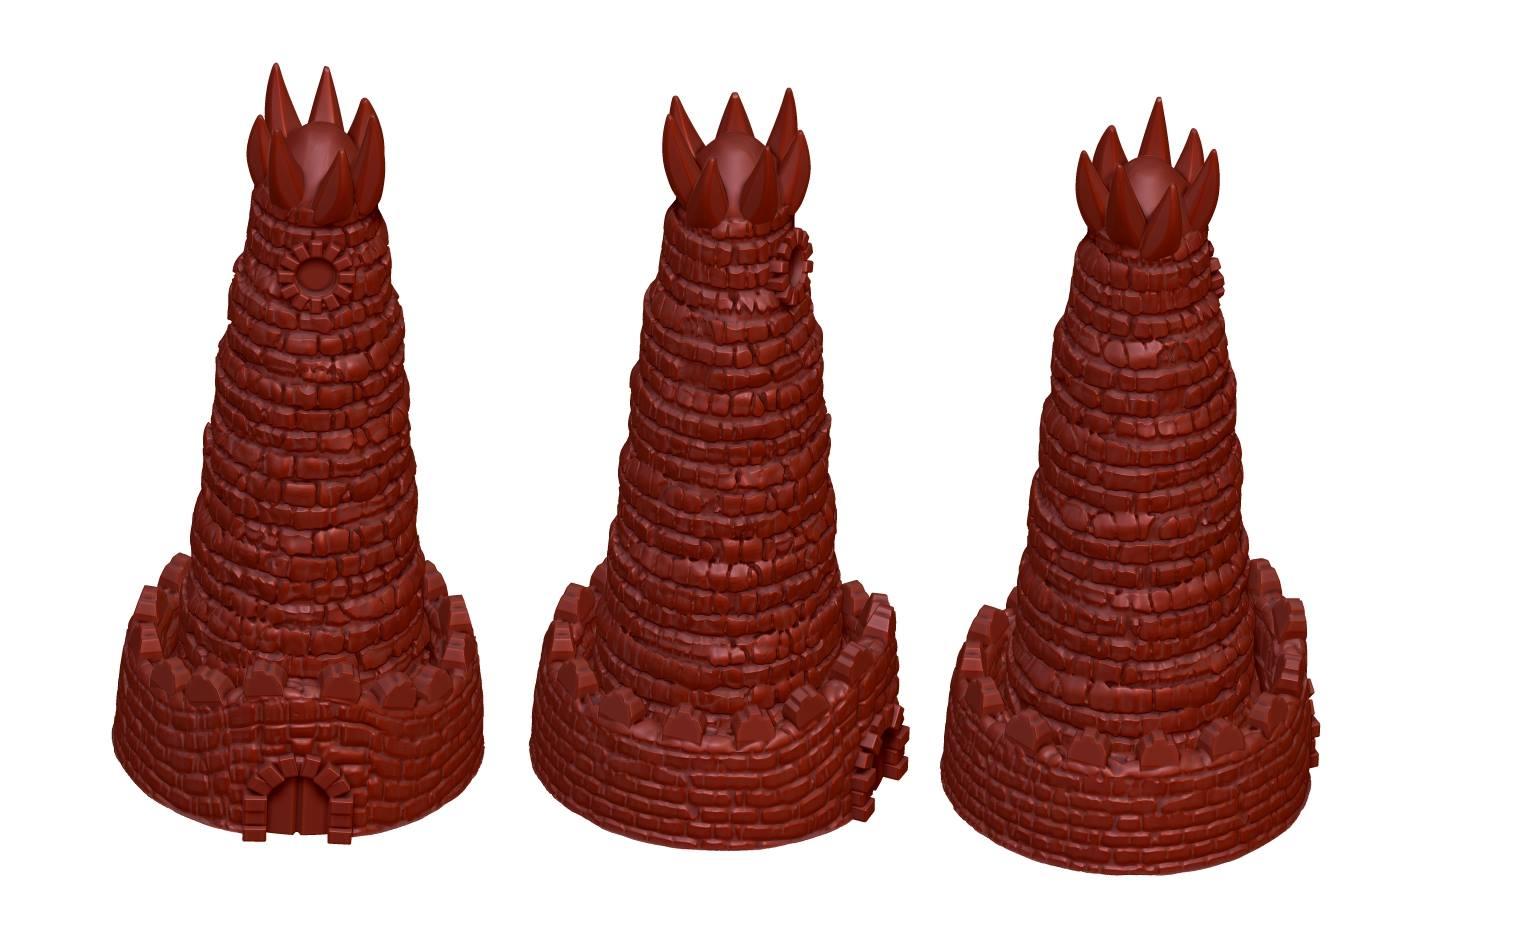 Czerwone Wieże